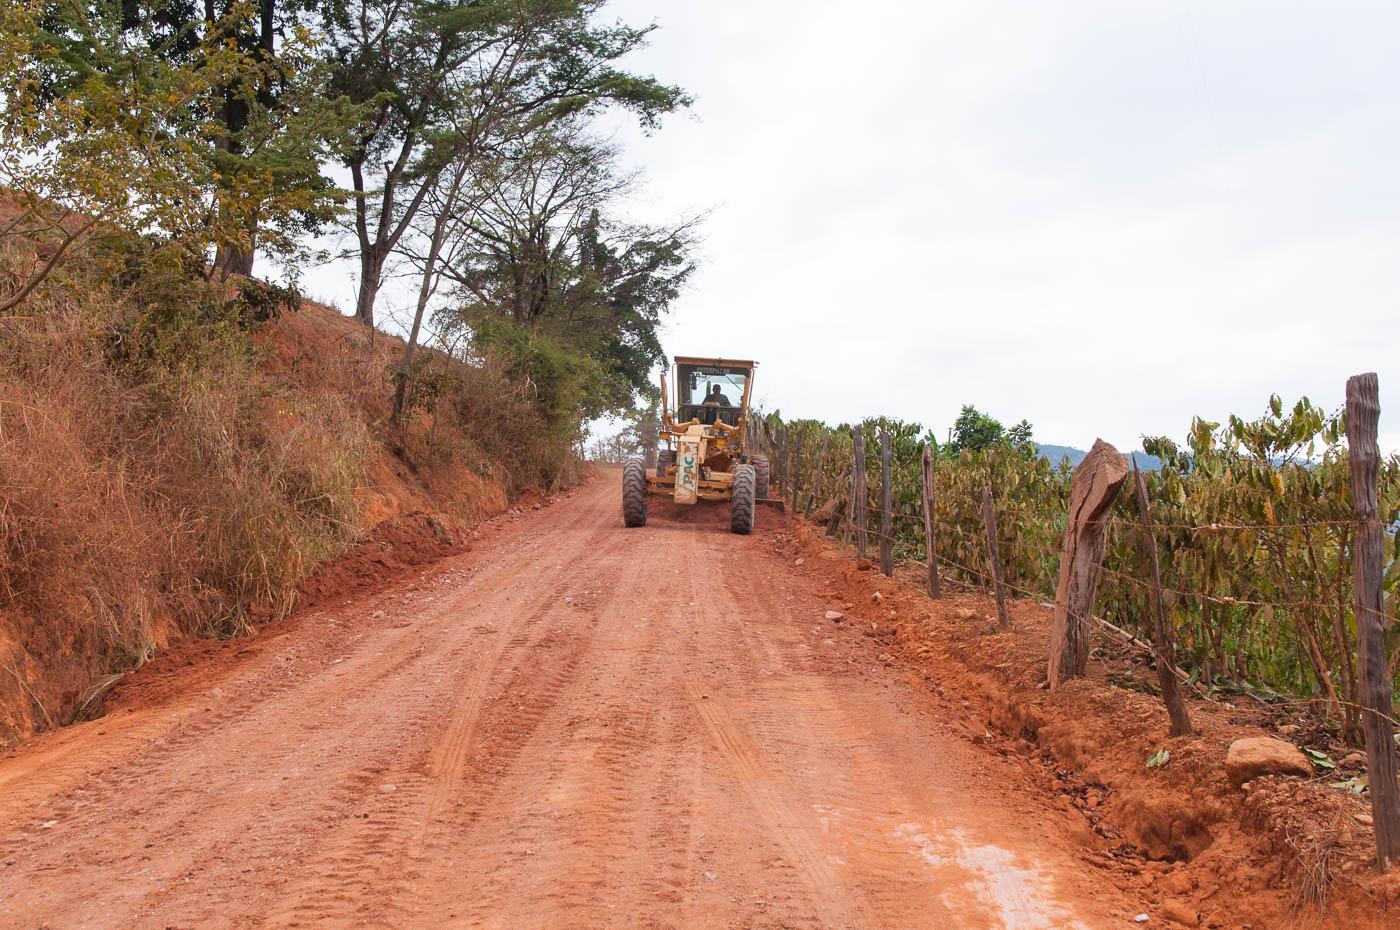 Manutenção das estradas: vias começam a receber cascalho